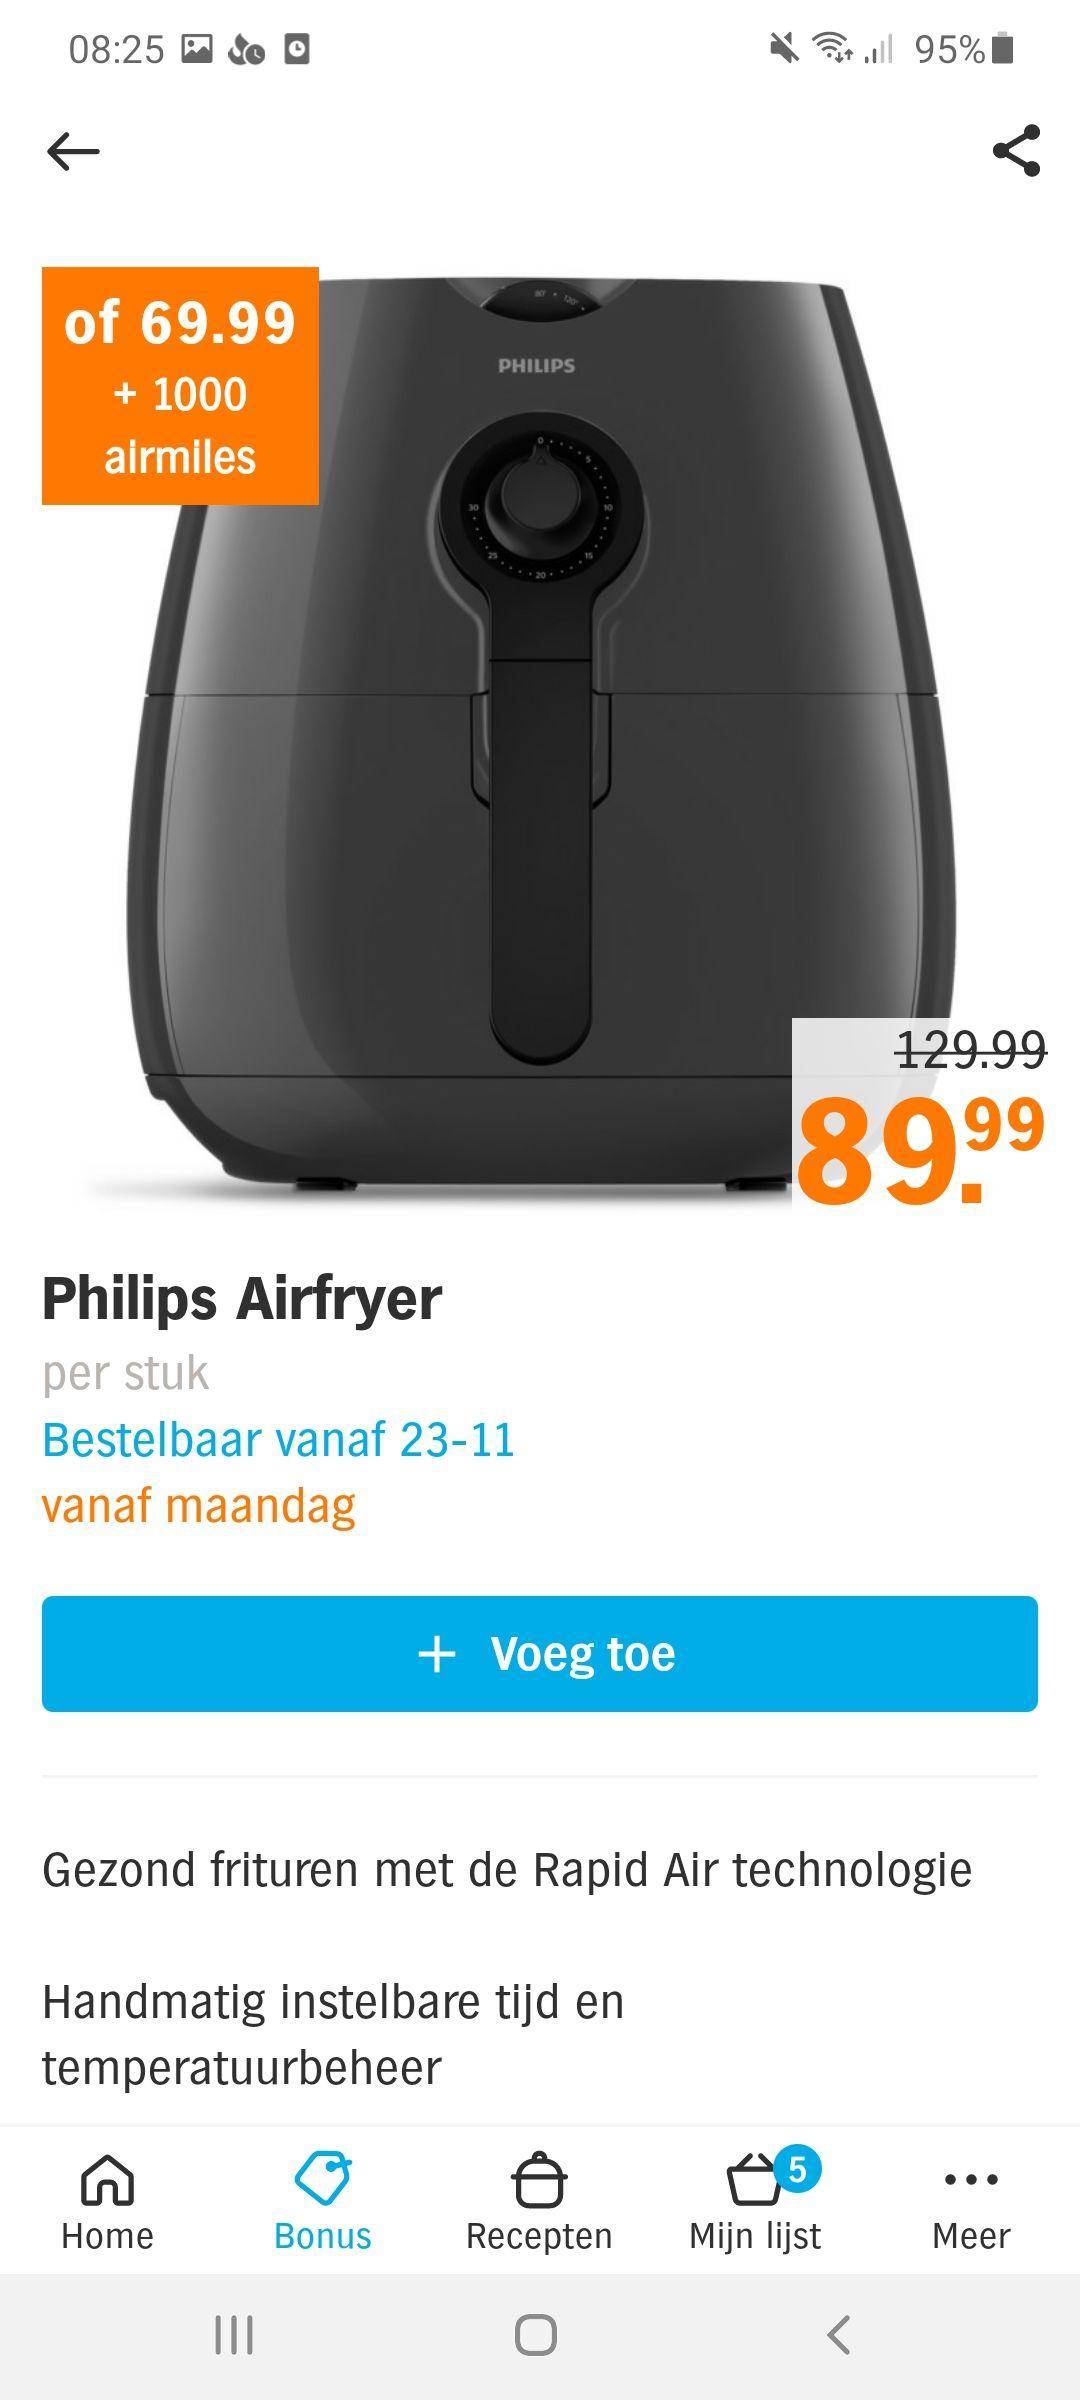 Philips Airfryer + €10 Kwekkenboom - AH Blackfriday